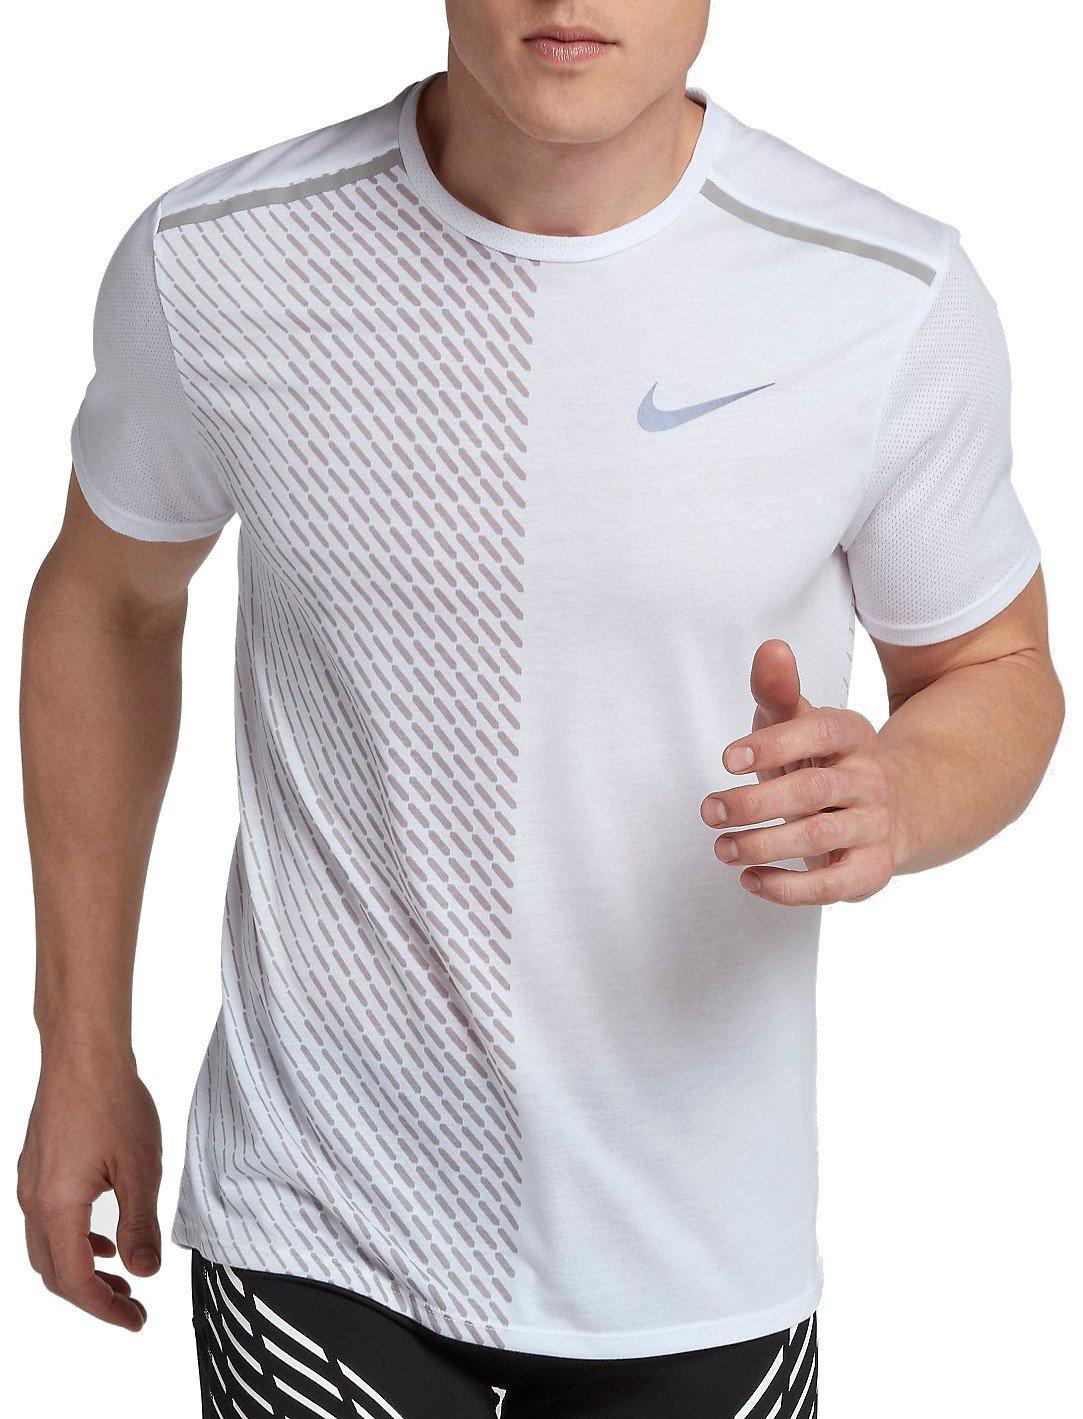 0004d940d36c Pánské běžecké triko s krátkým rukávem Nike TAILWIND - Top4Sport.cz